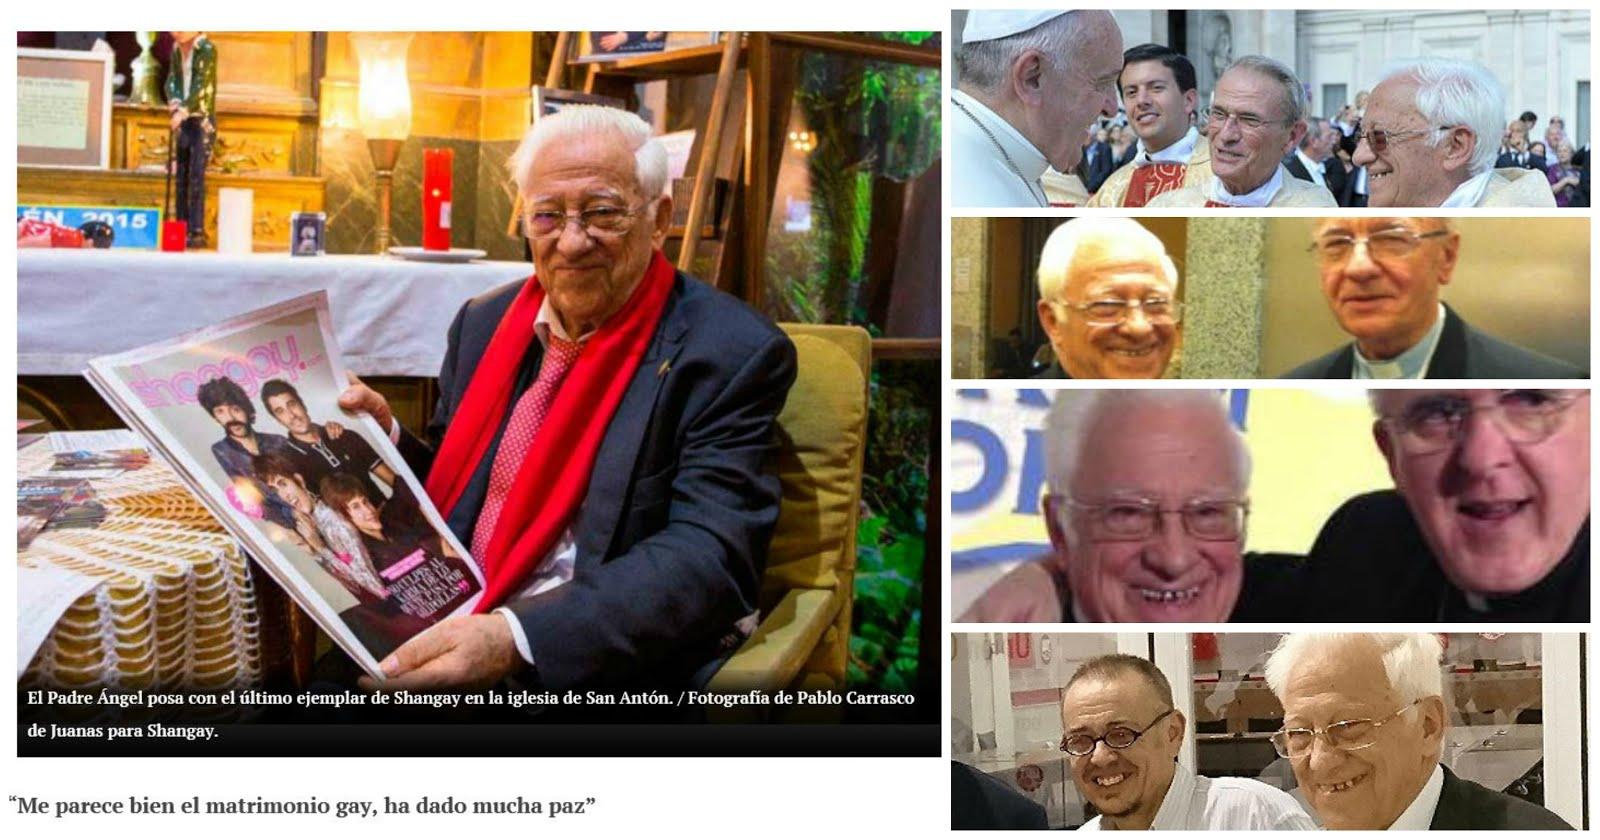 Apostata Padre Angel distribuye impuenemente revista gay en la parroquia.